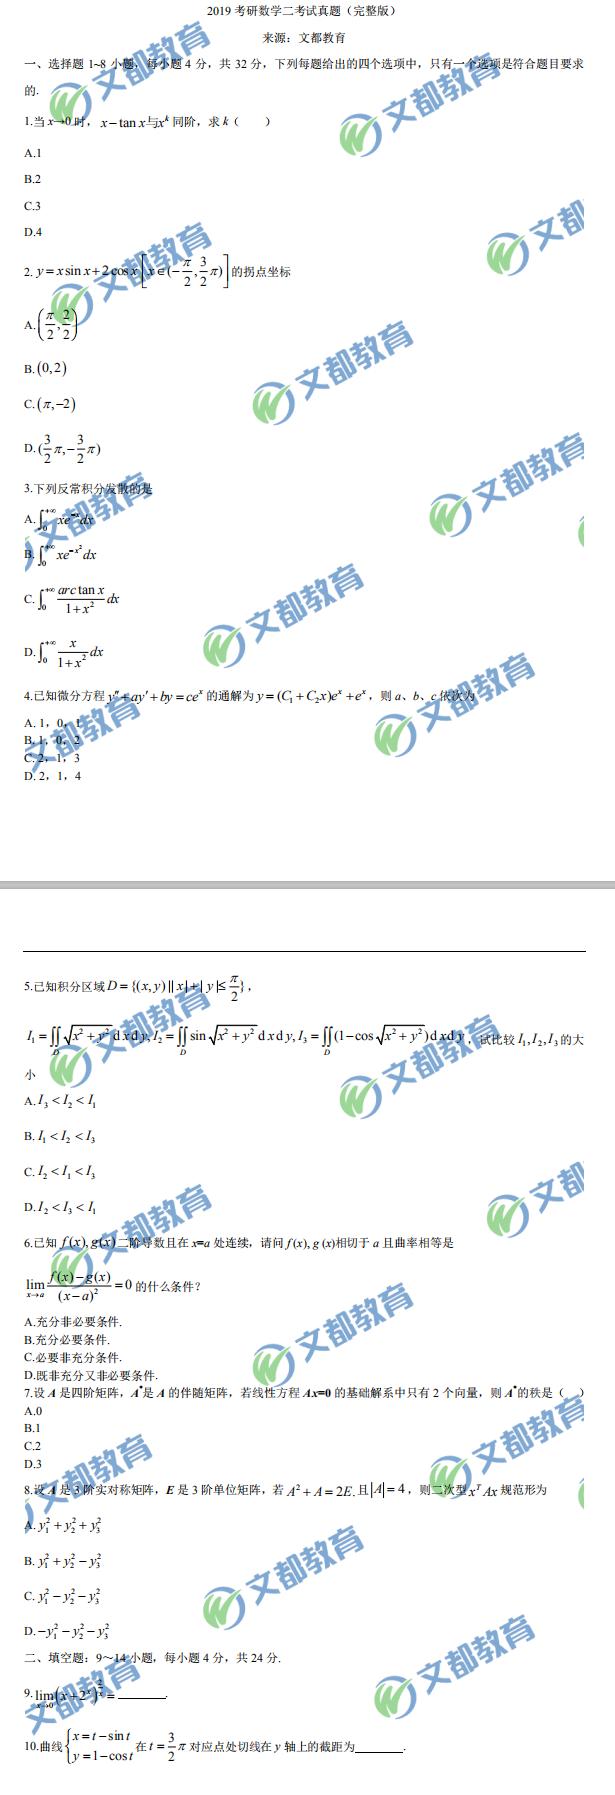 2019考研数学二真题图片版